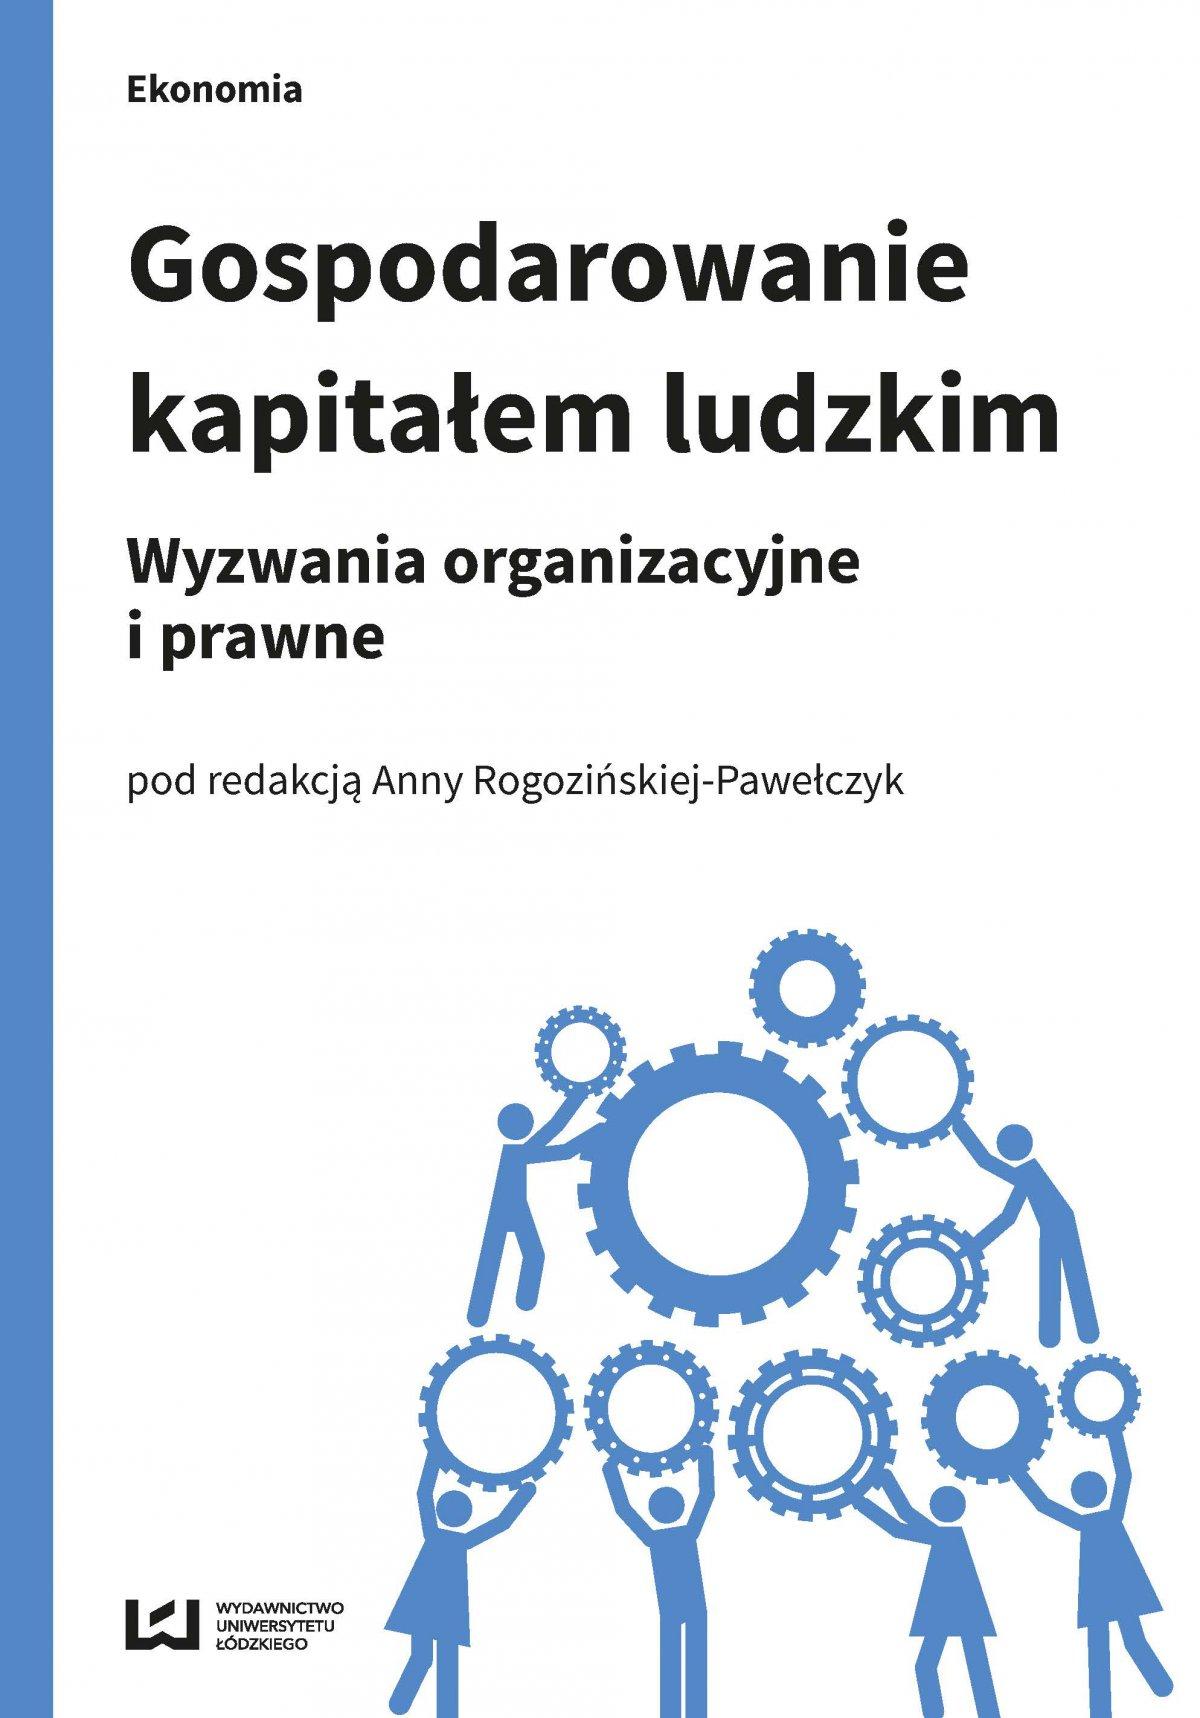 Gospodarowanie kapitałem ludzkim. Wyzwania organizacyjne i prawne - Ebook (Książka PDF) do pobrania w formacie PDF